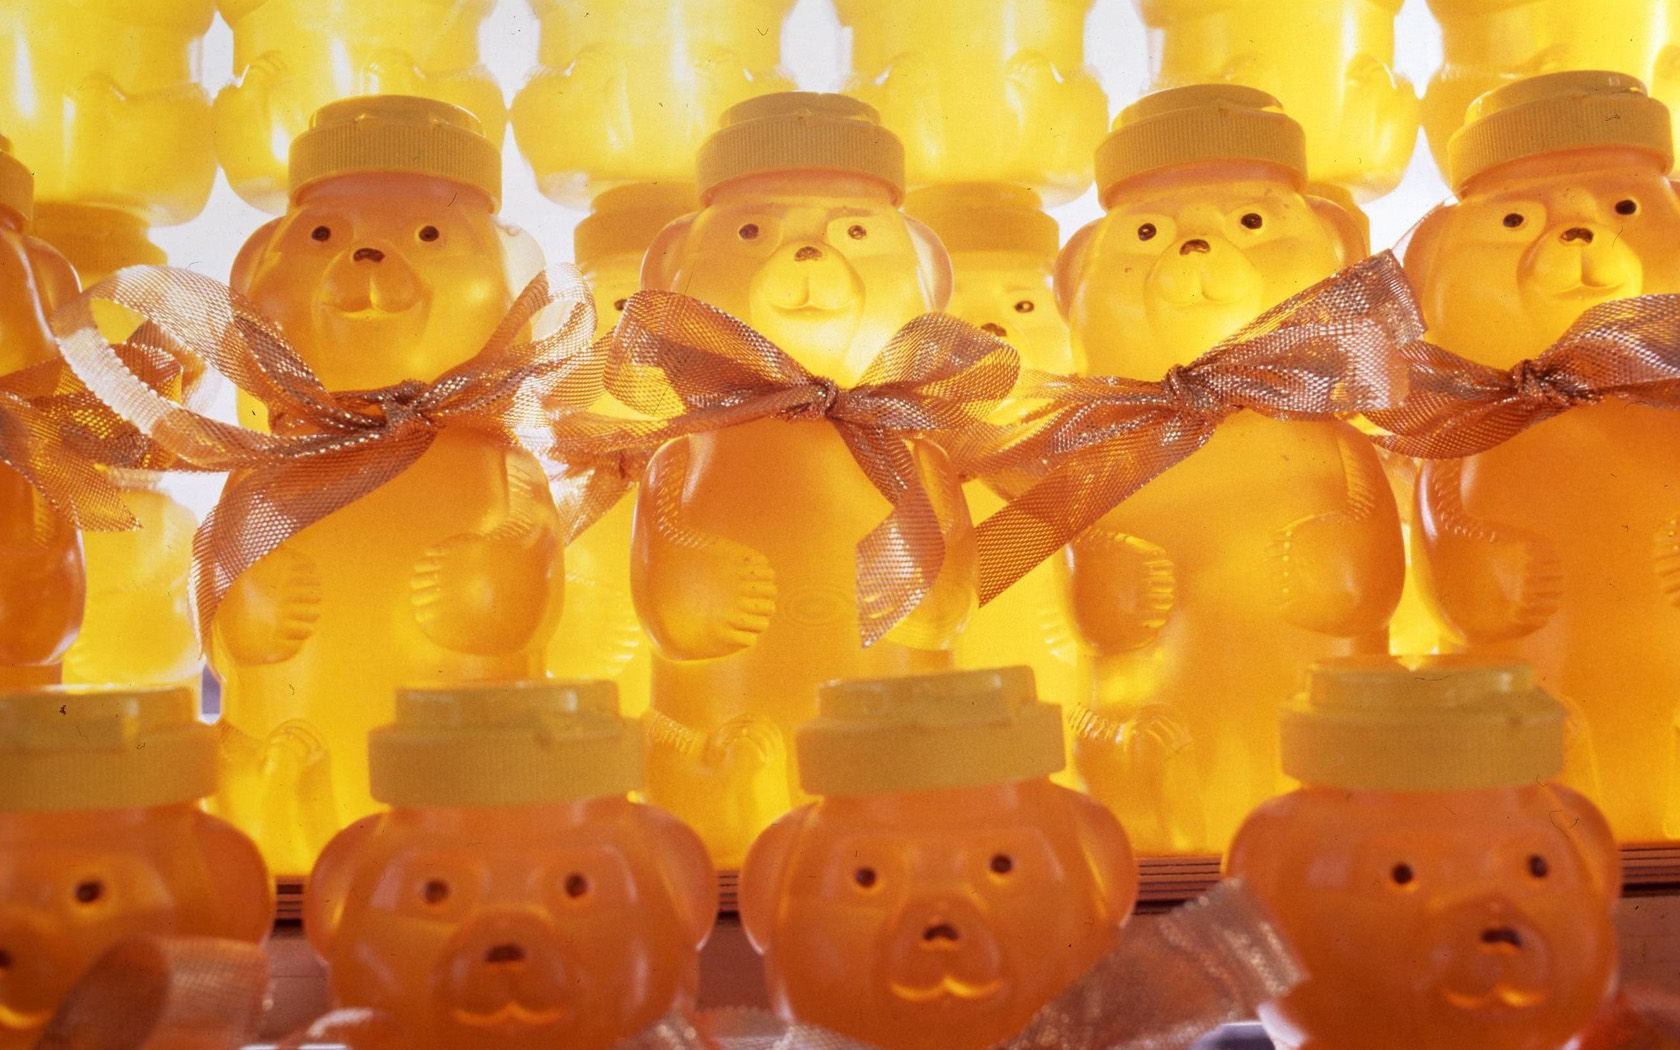 Image courtesy ofthe National Honey Board